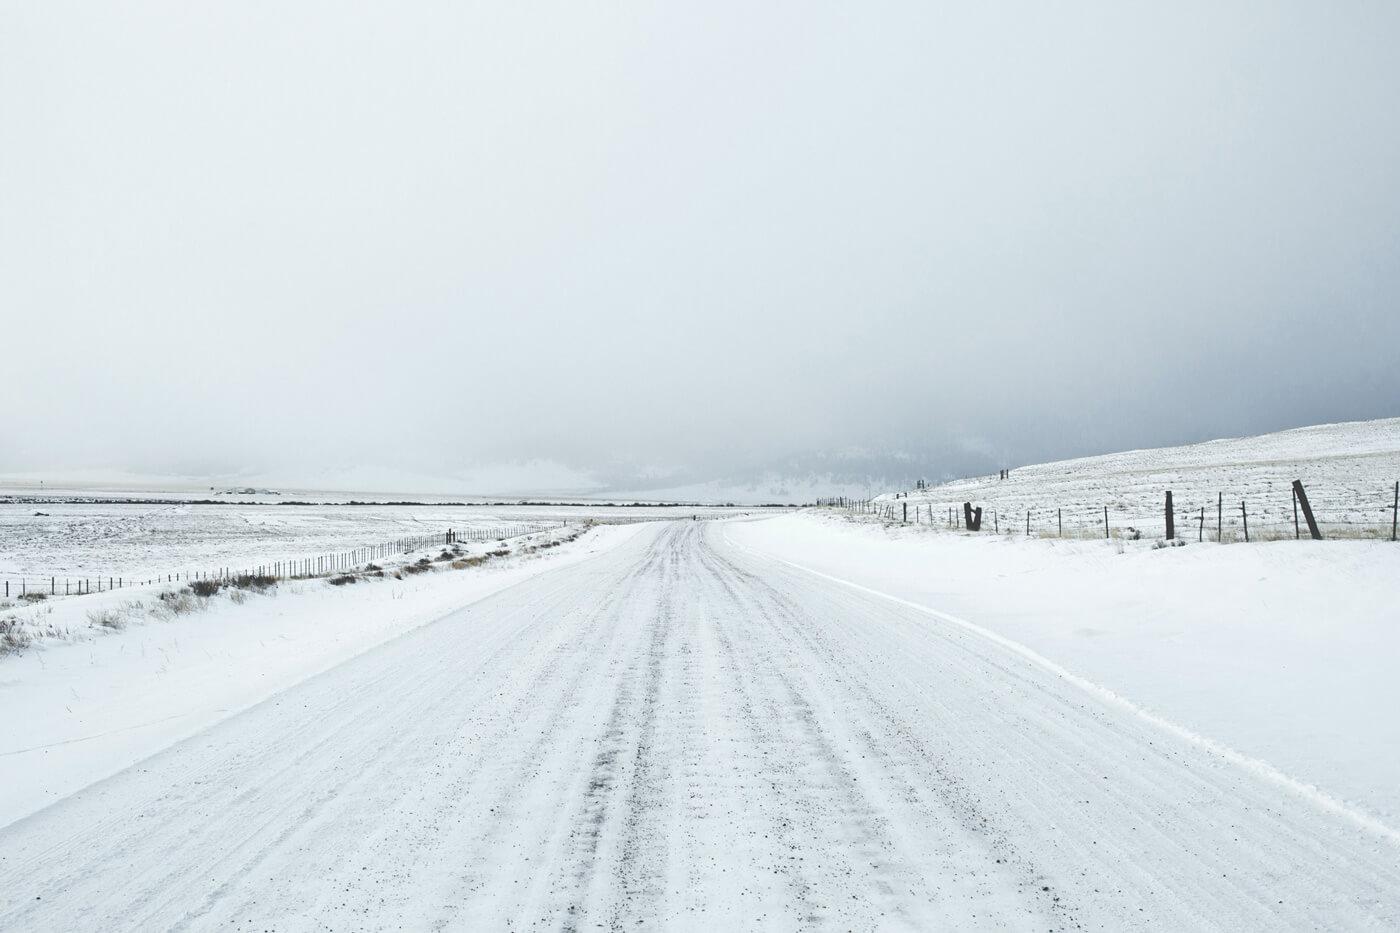 Vei dekt av snø for snøbrøyting